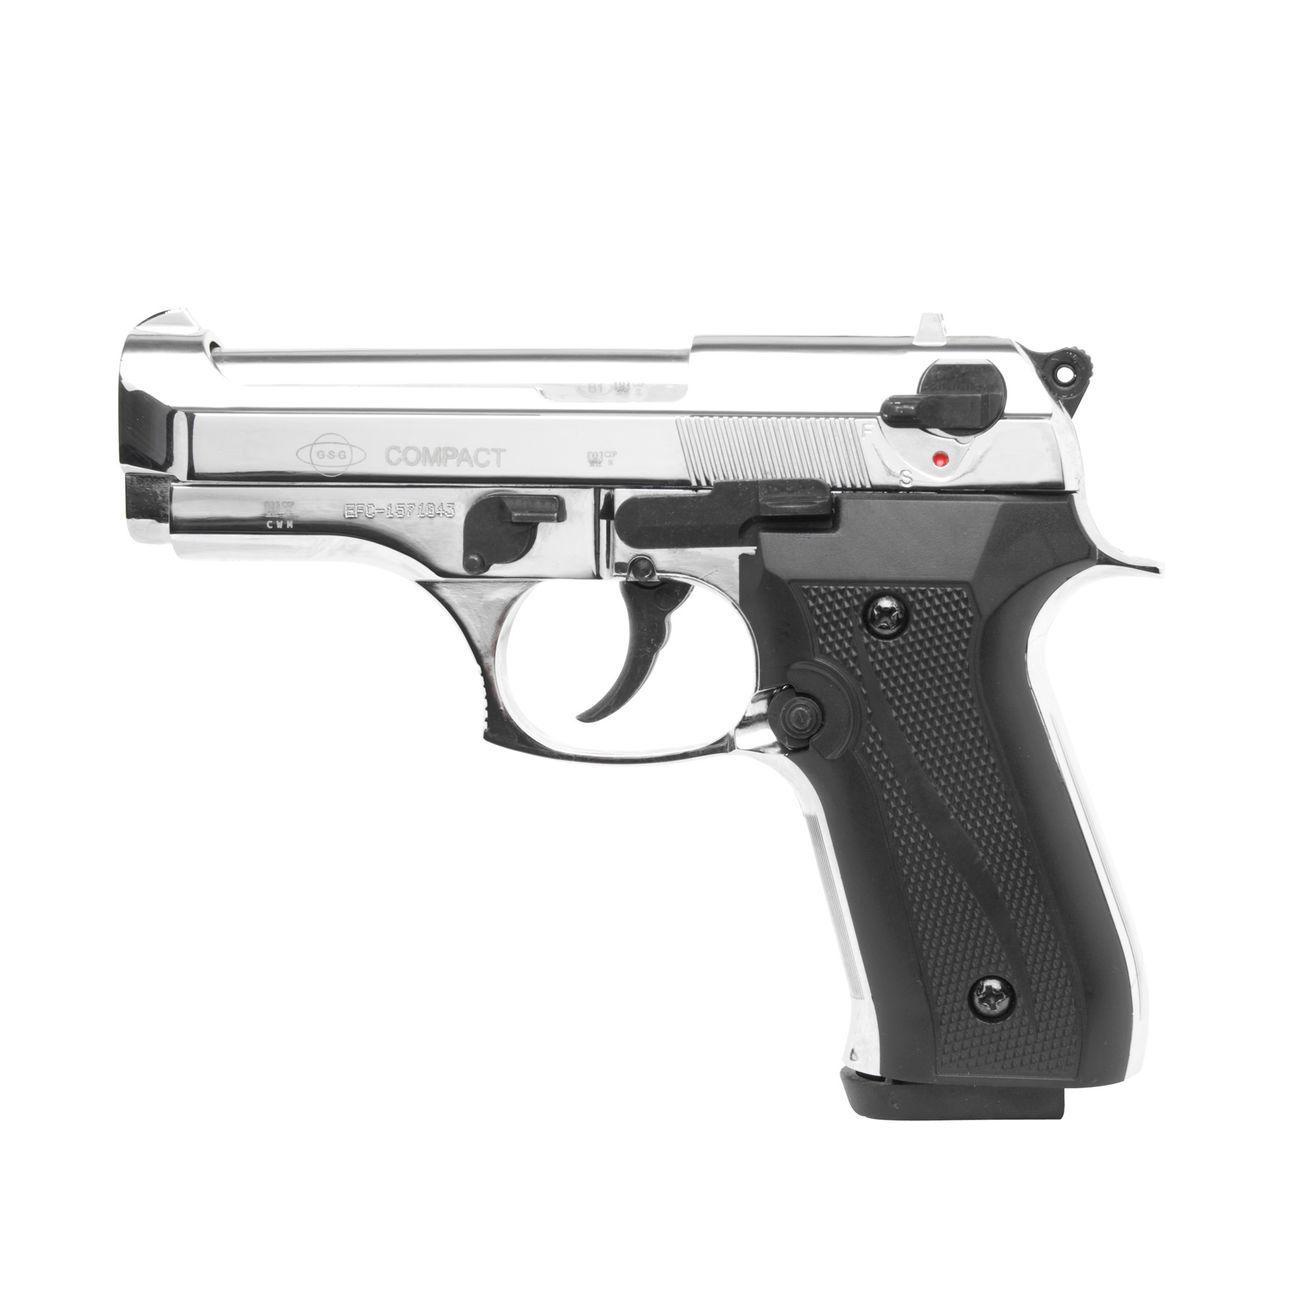 ekol firat compact schreckschuss pistole 9mm p a k chrom. Black Bedroom Furniture Sets. Home Design Ideas